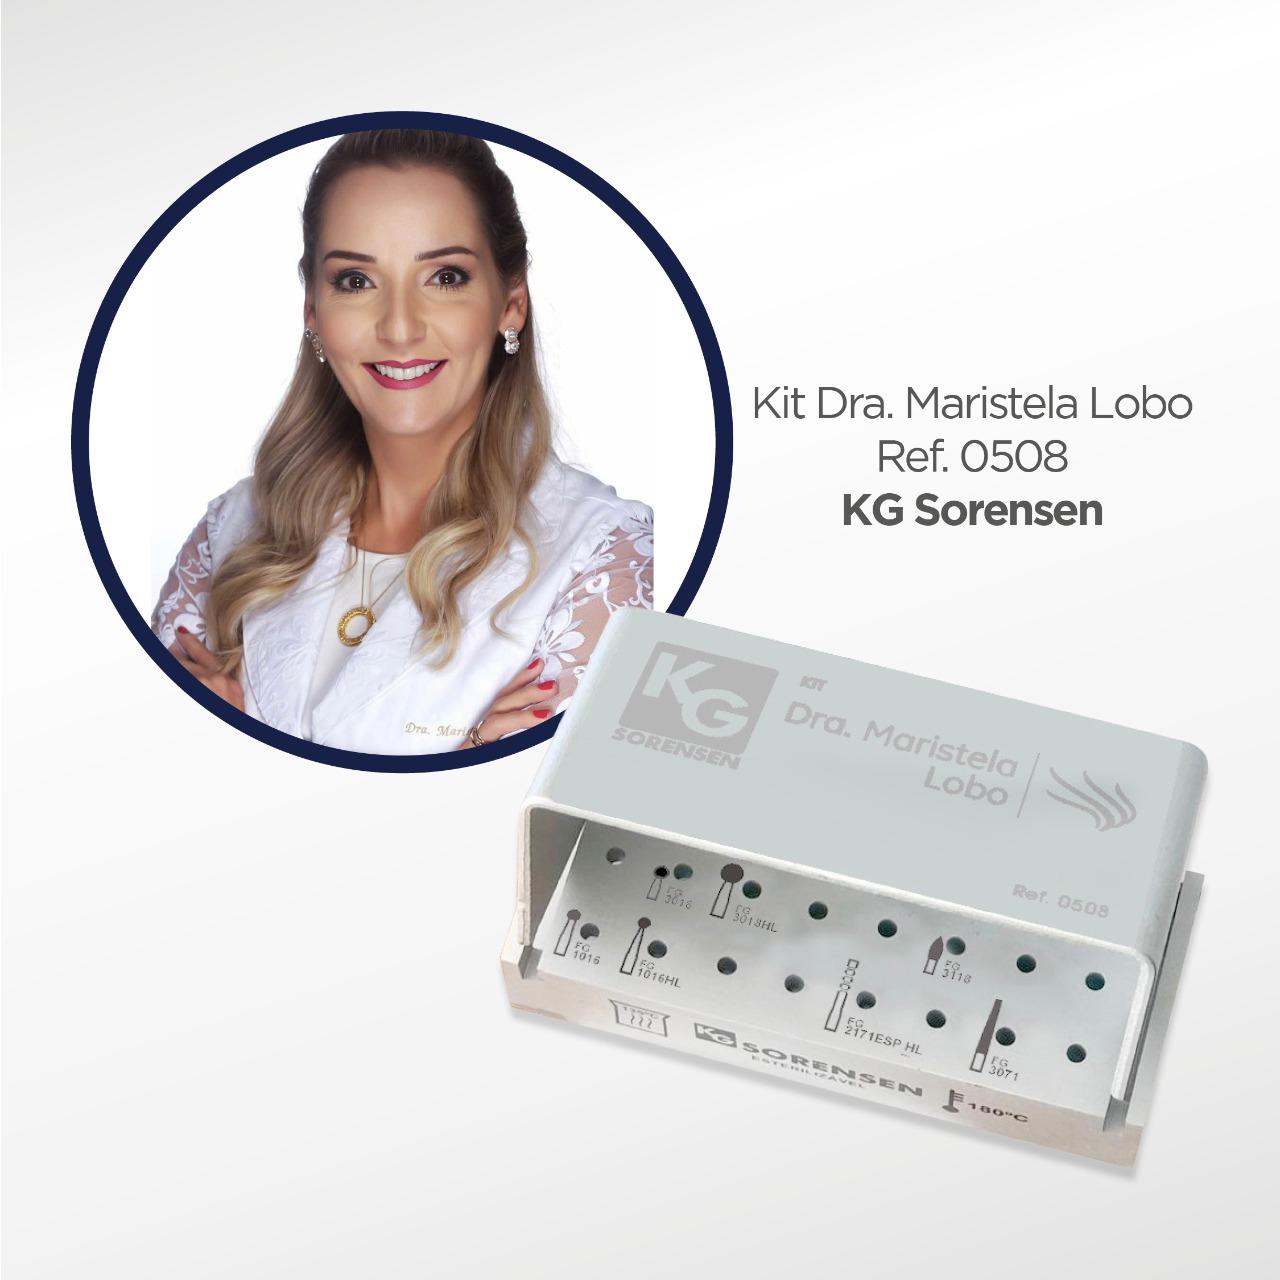 Kit Dra. Maristela Lobo - Ref.0508 - KG SORENSEN